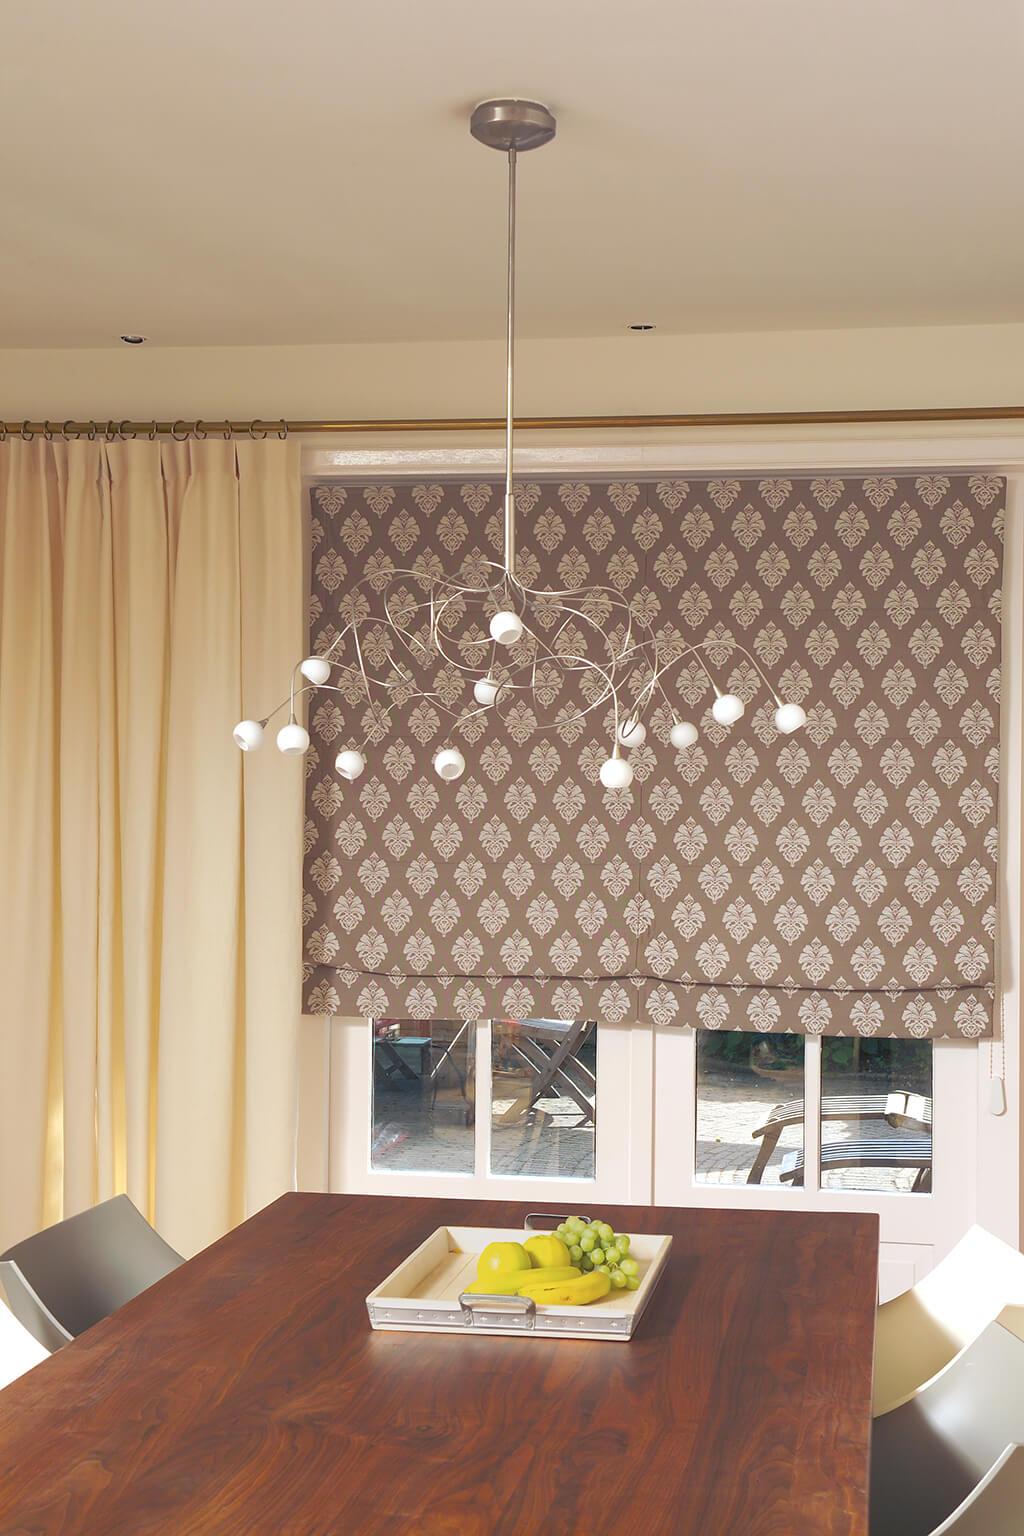 Gemustertes Faltrollo in braun-beige und beiger Gardine am Esszimmerfenster